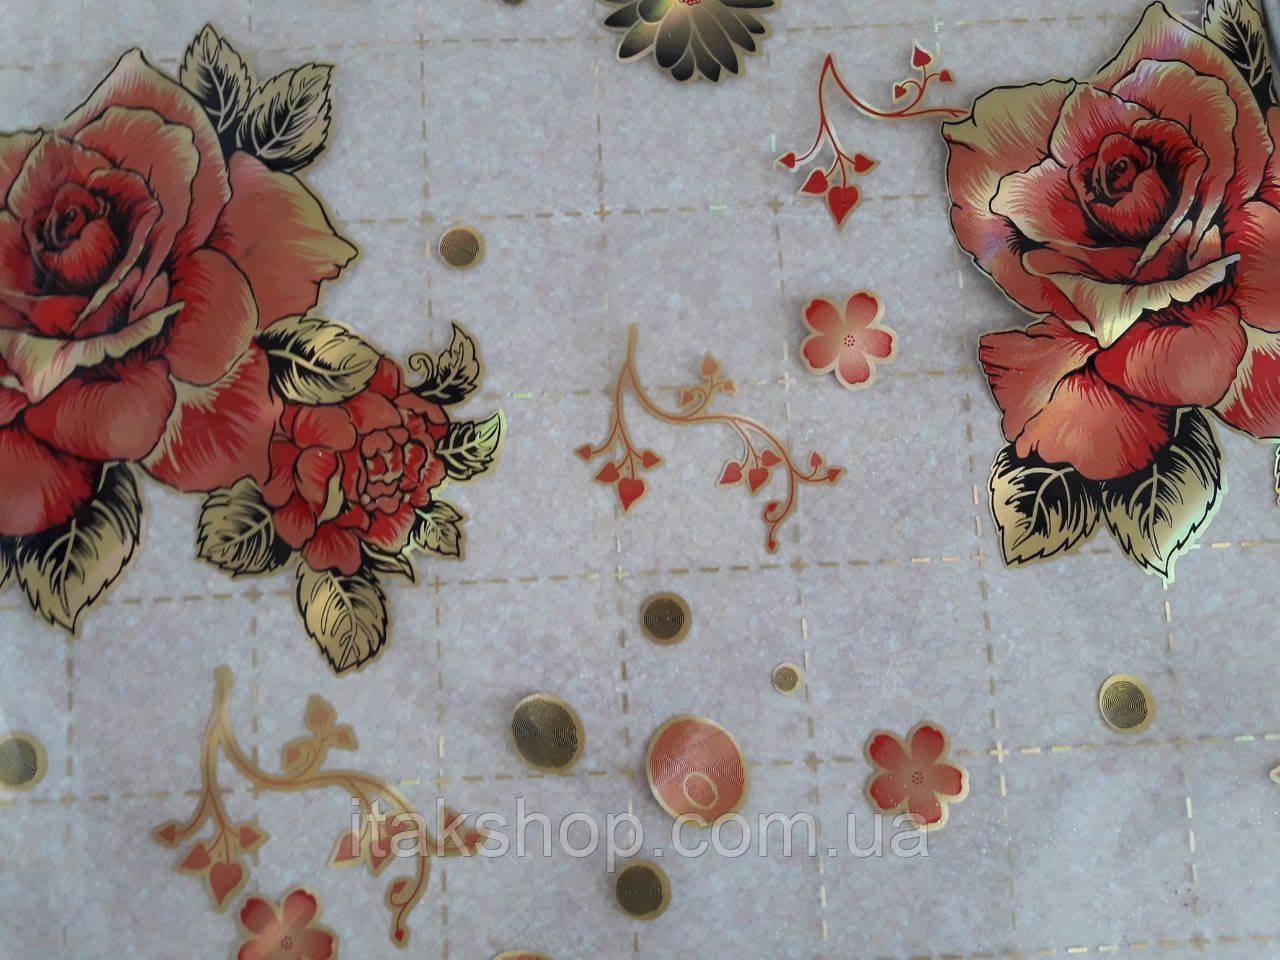 М'яке скло Скатертину з лазерним малюнком для меблів Soft Glass 1.7х0.8м товщина 1.5 мм Червона троянда